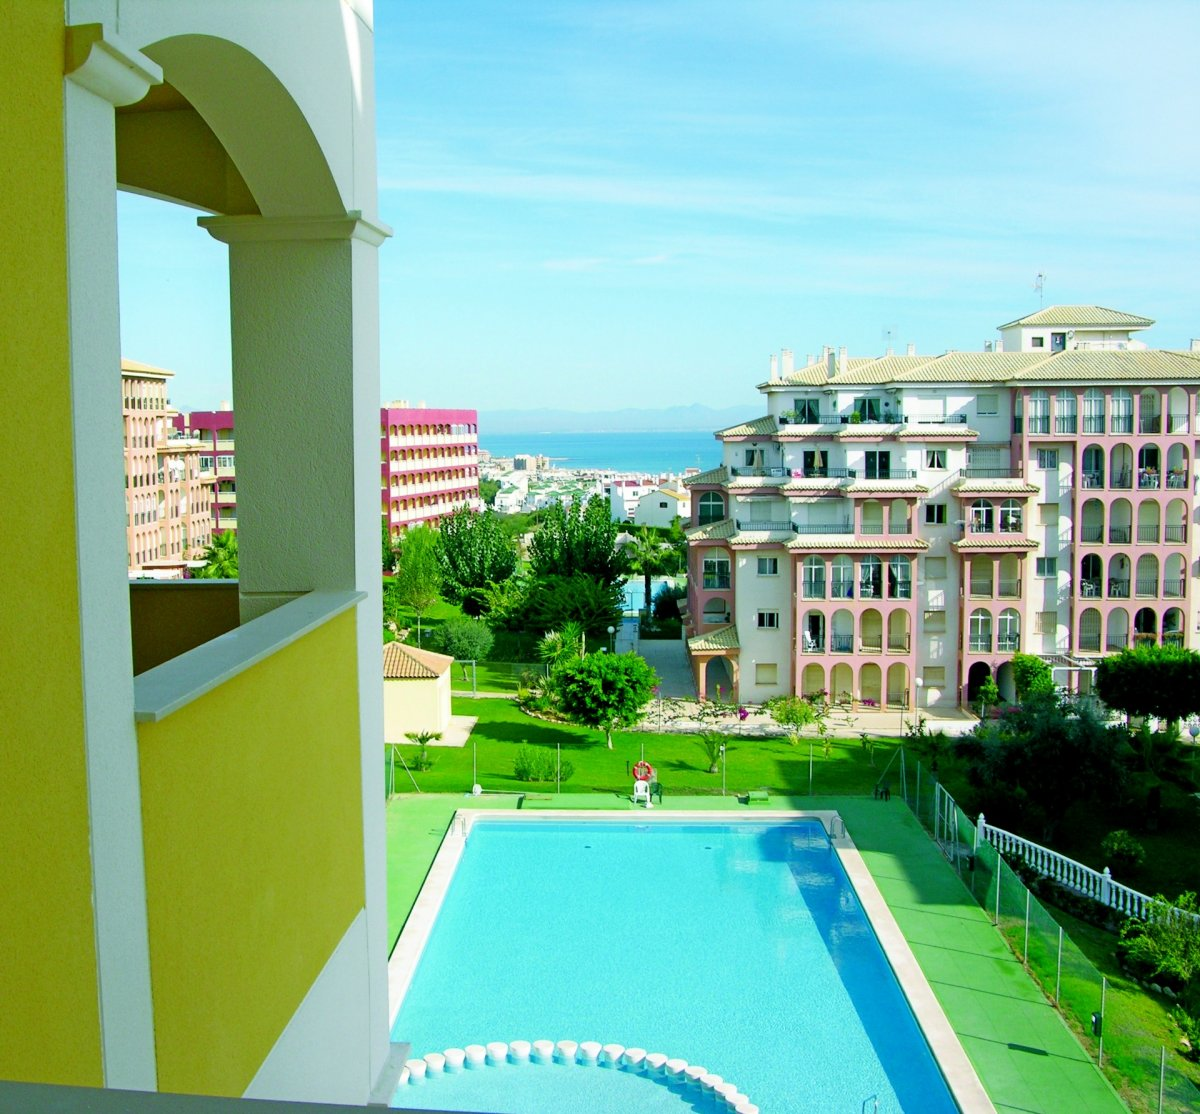 Nuevos Apartamentos llave en mano, cerca de la Playa de La Mata (Torre la mata)